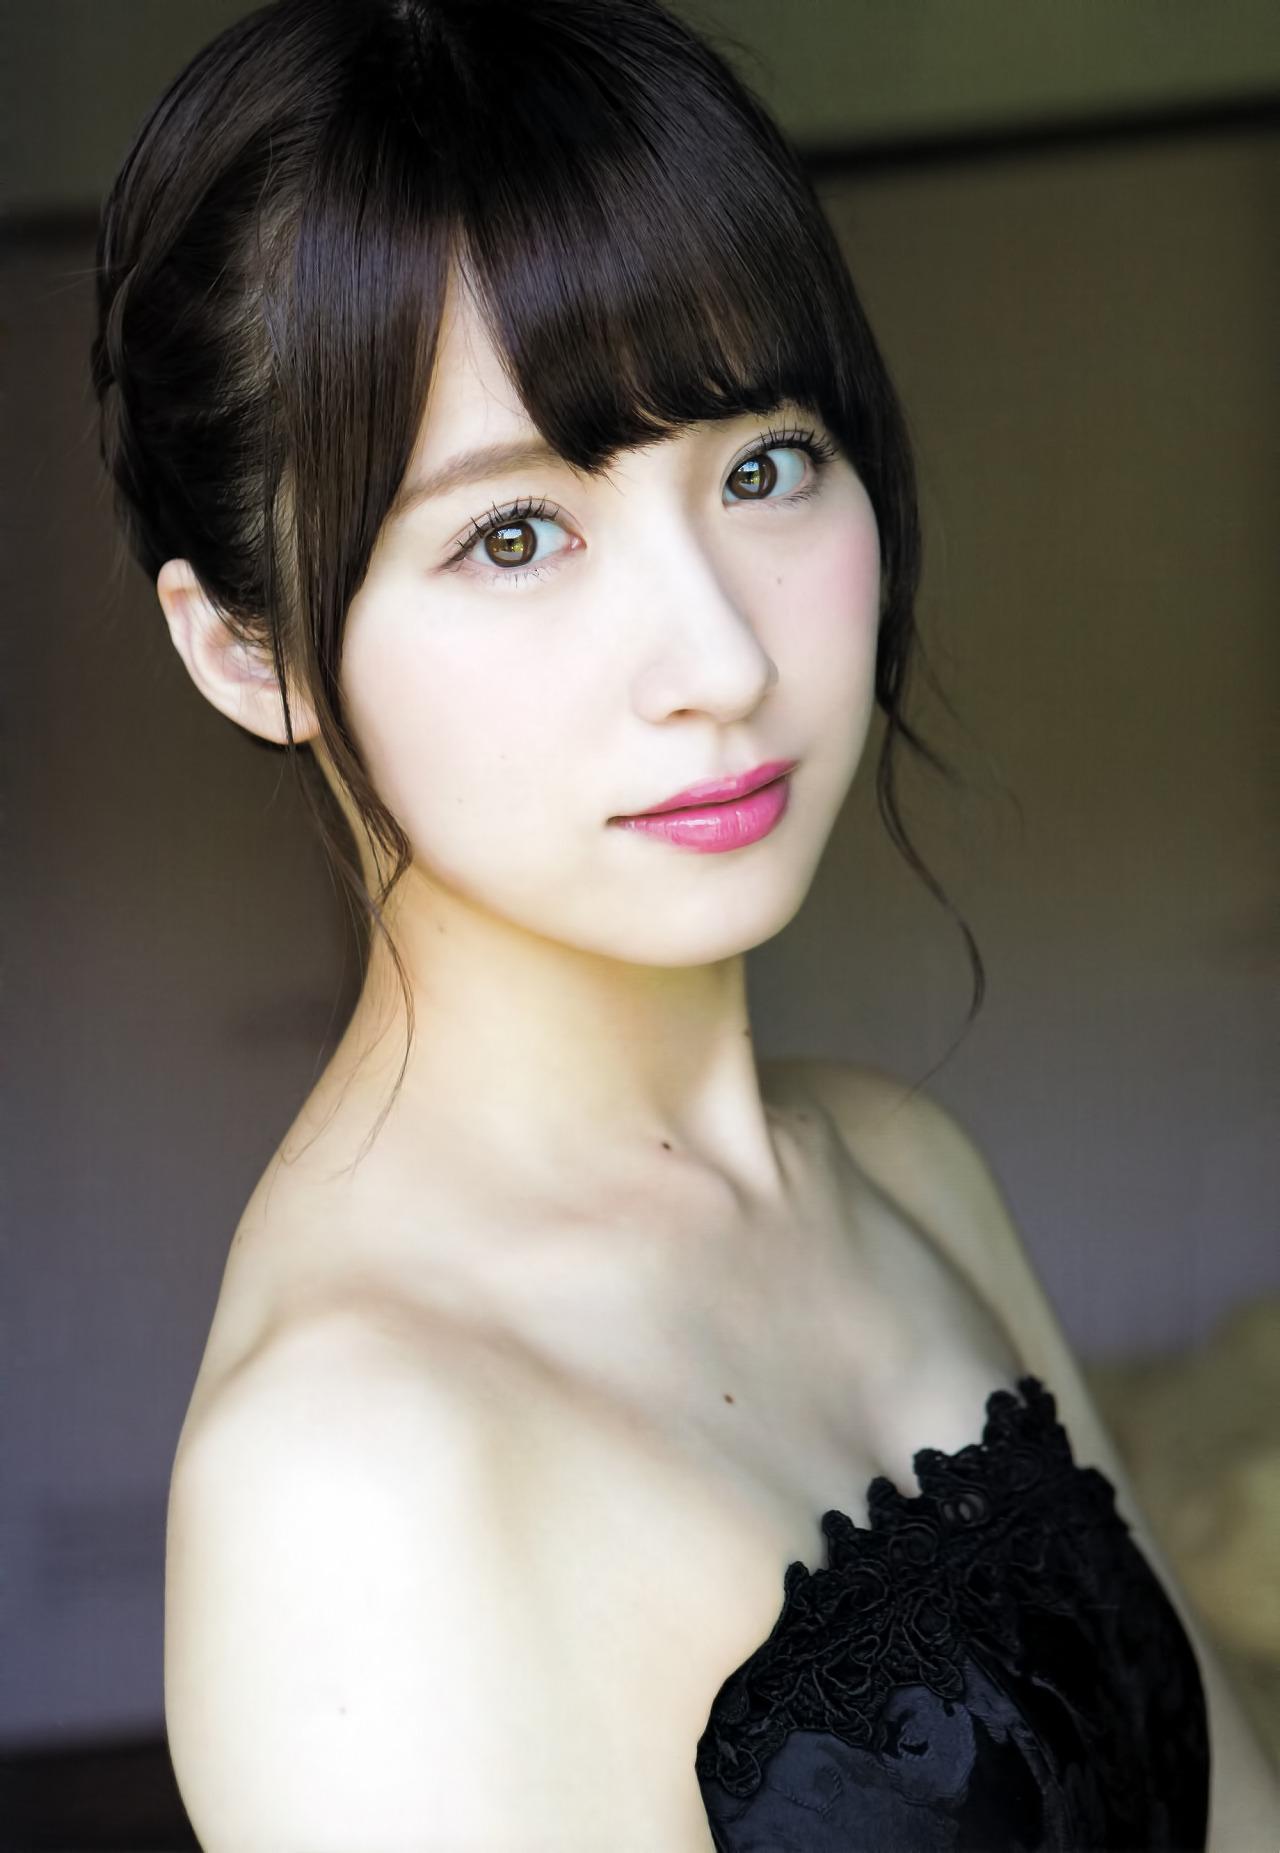 「衛藤美彩」の画像検索結果